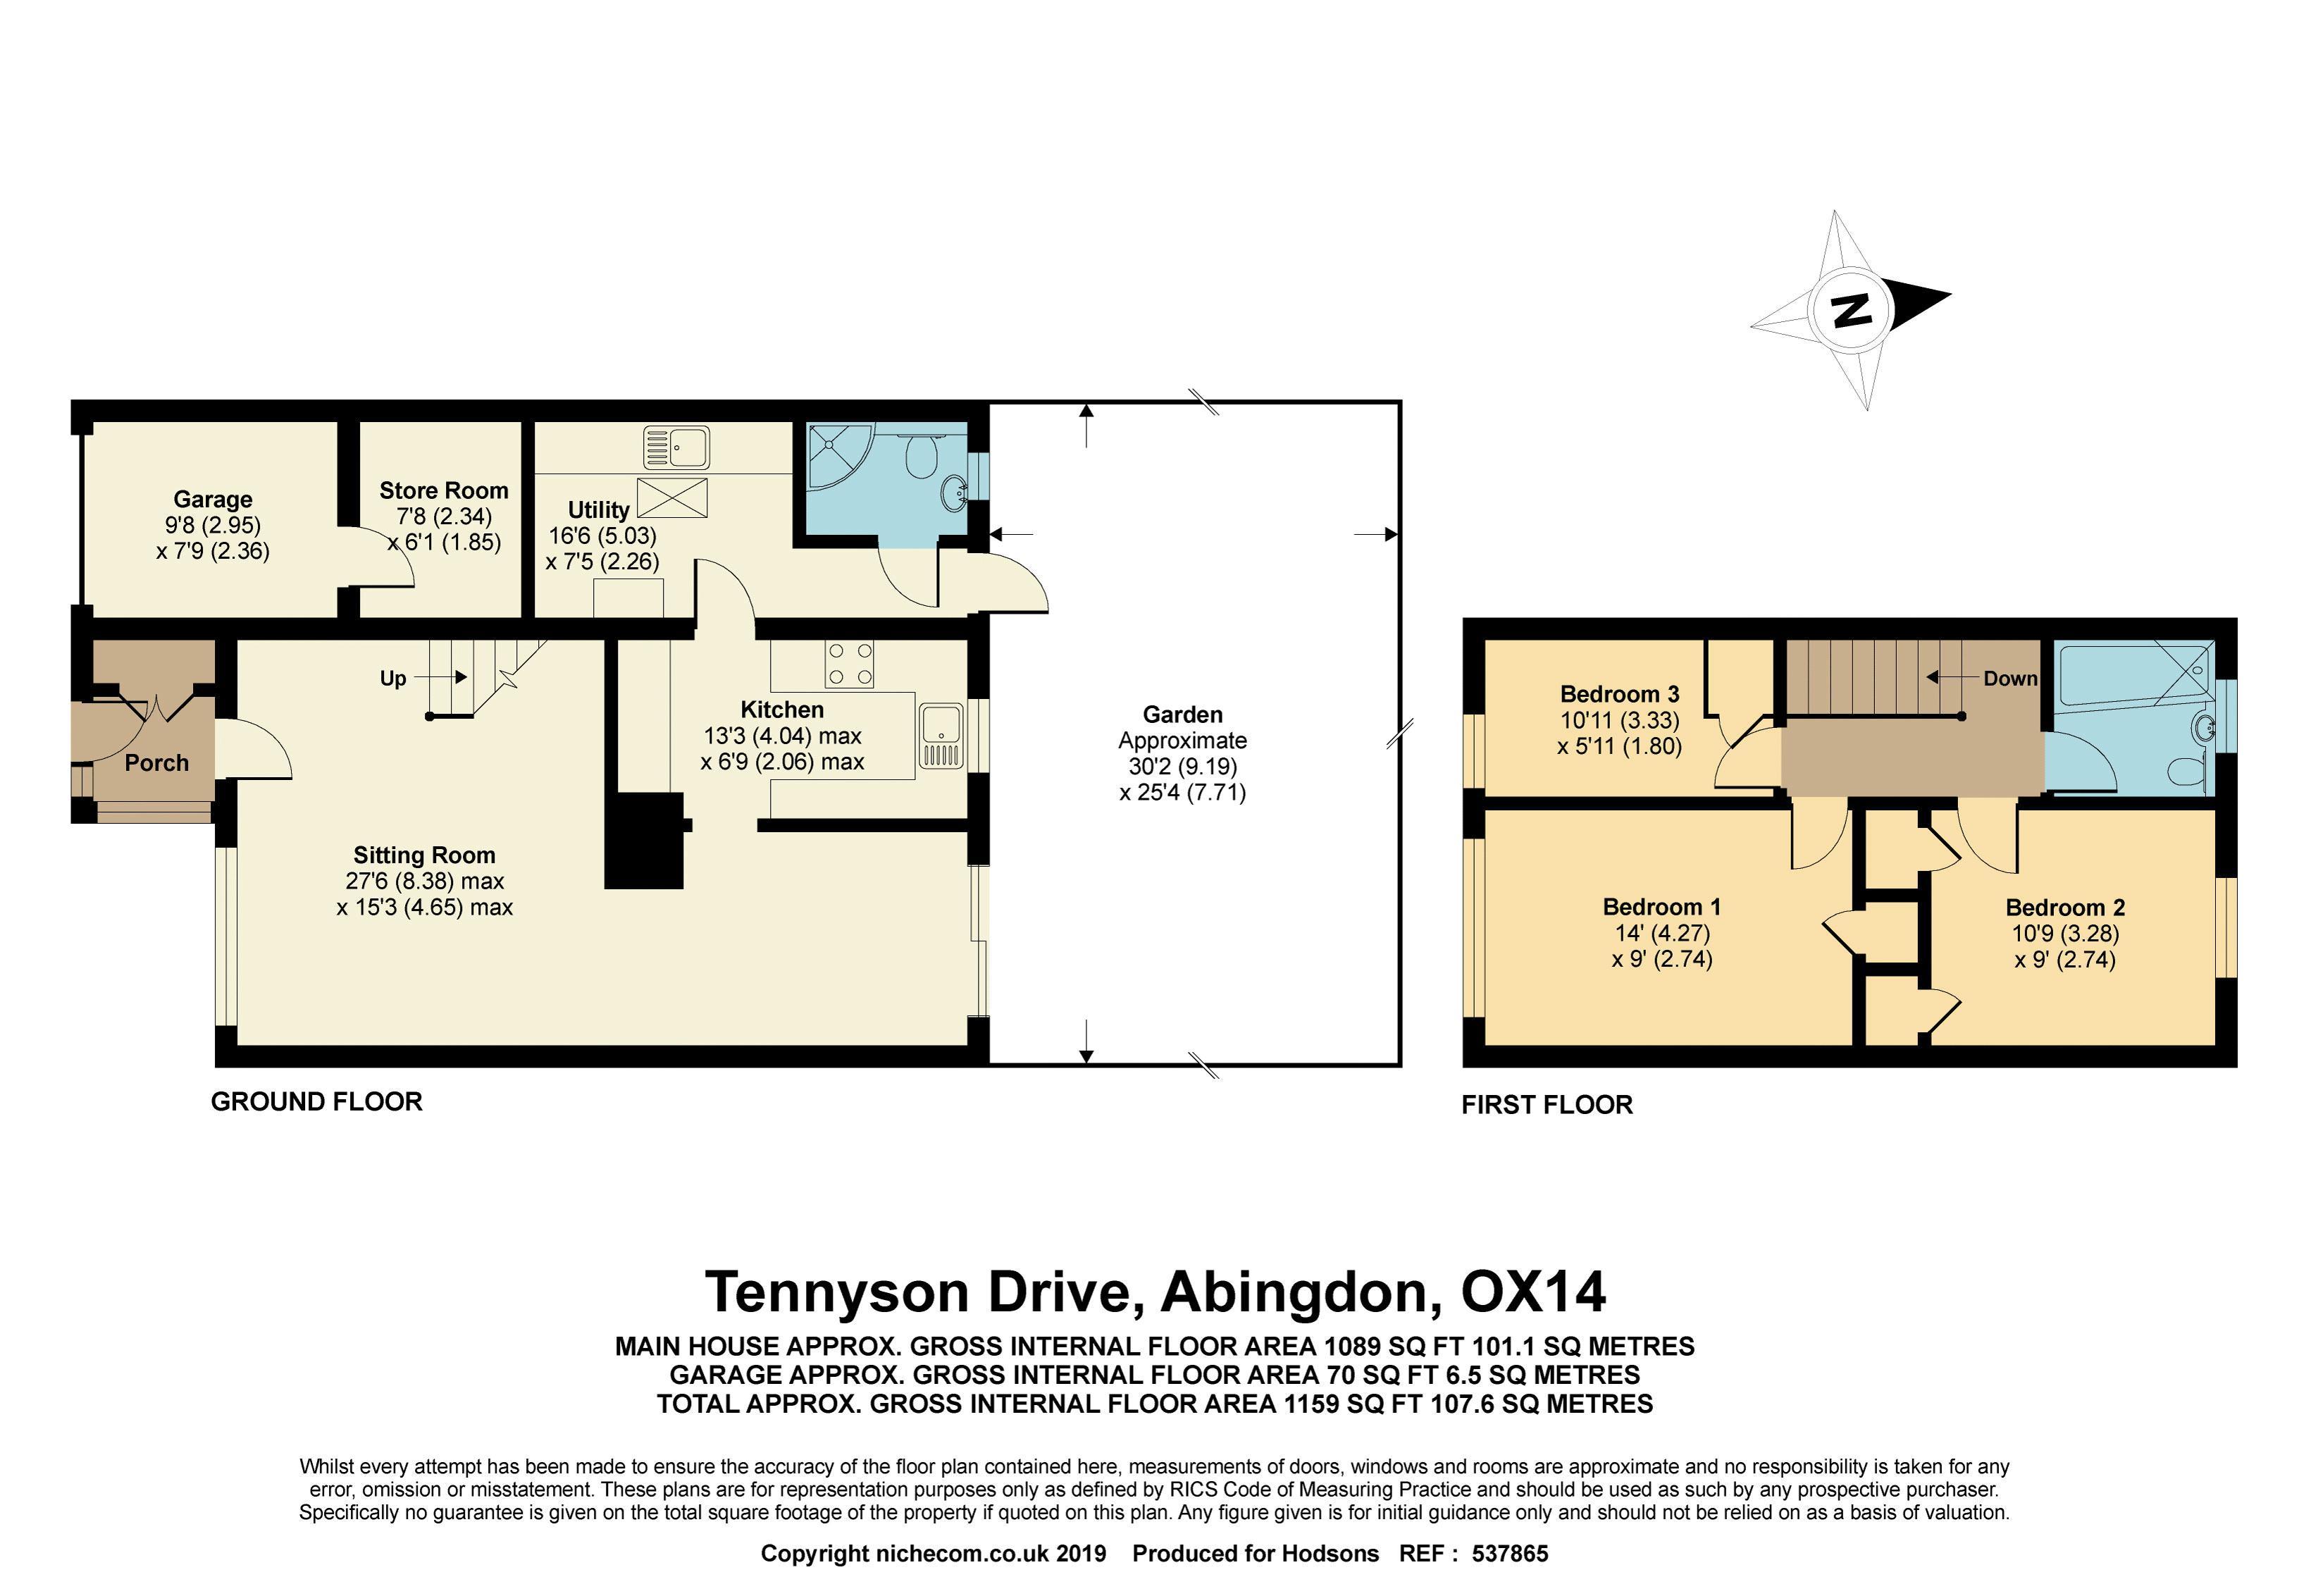 Tennyson Drive